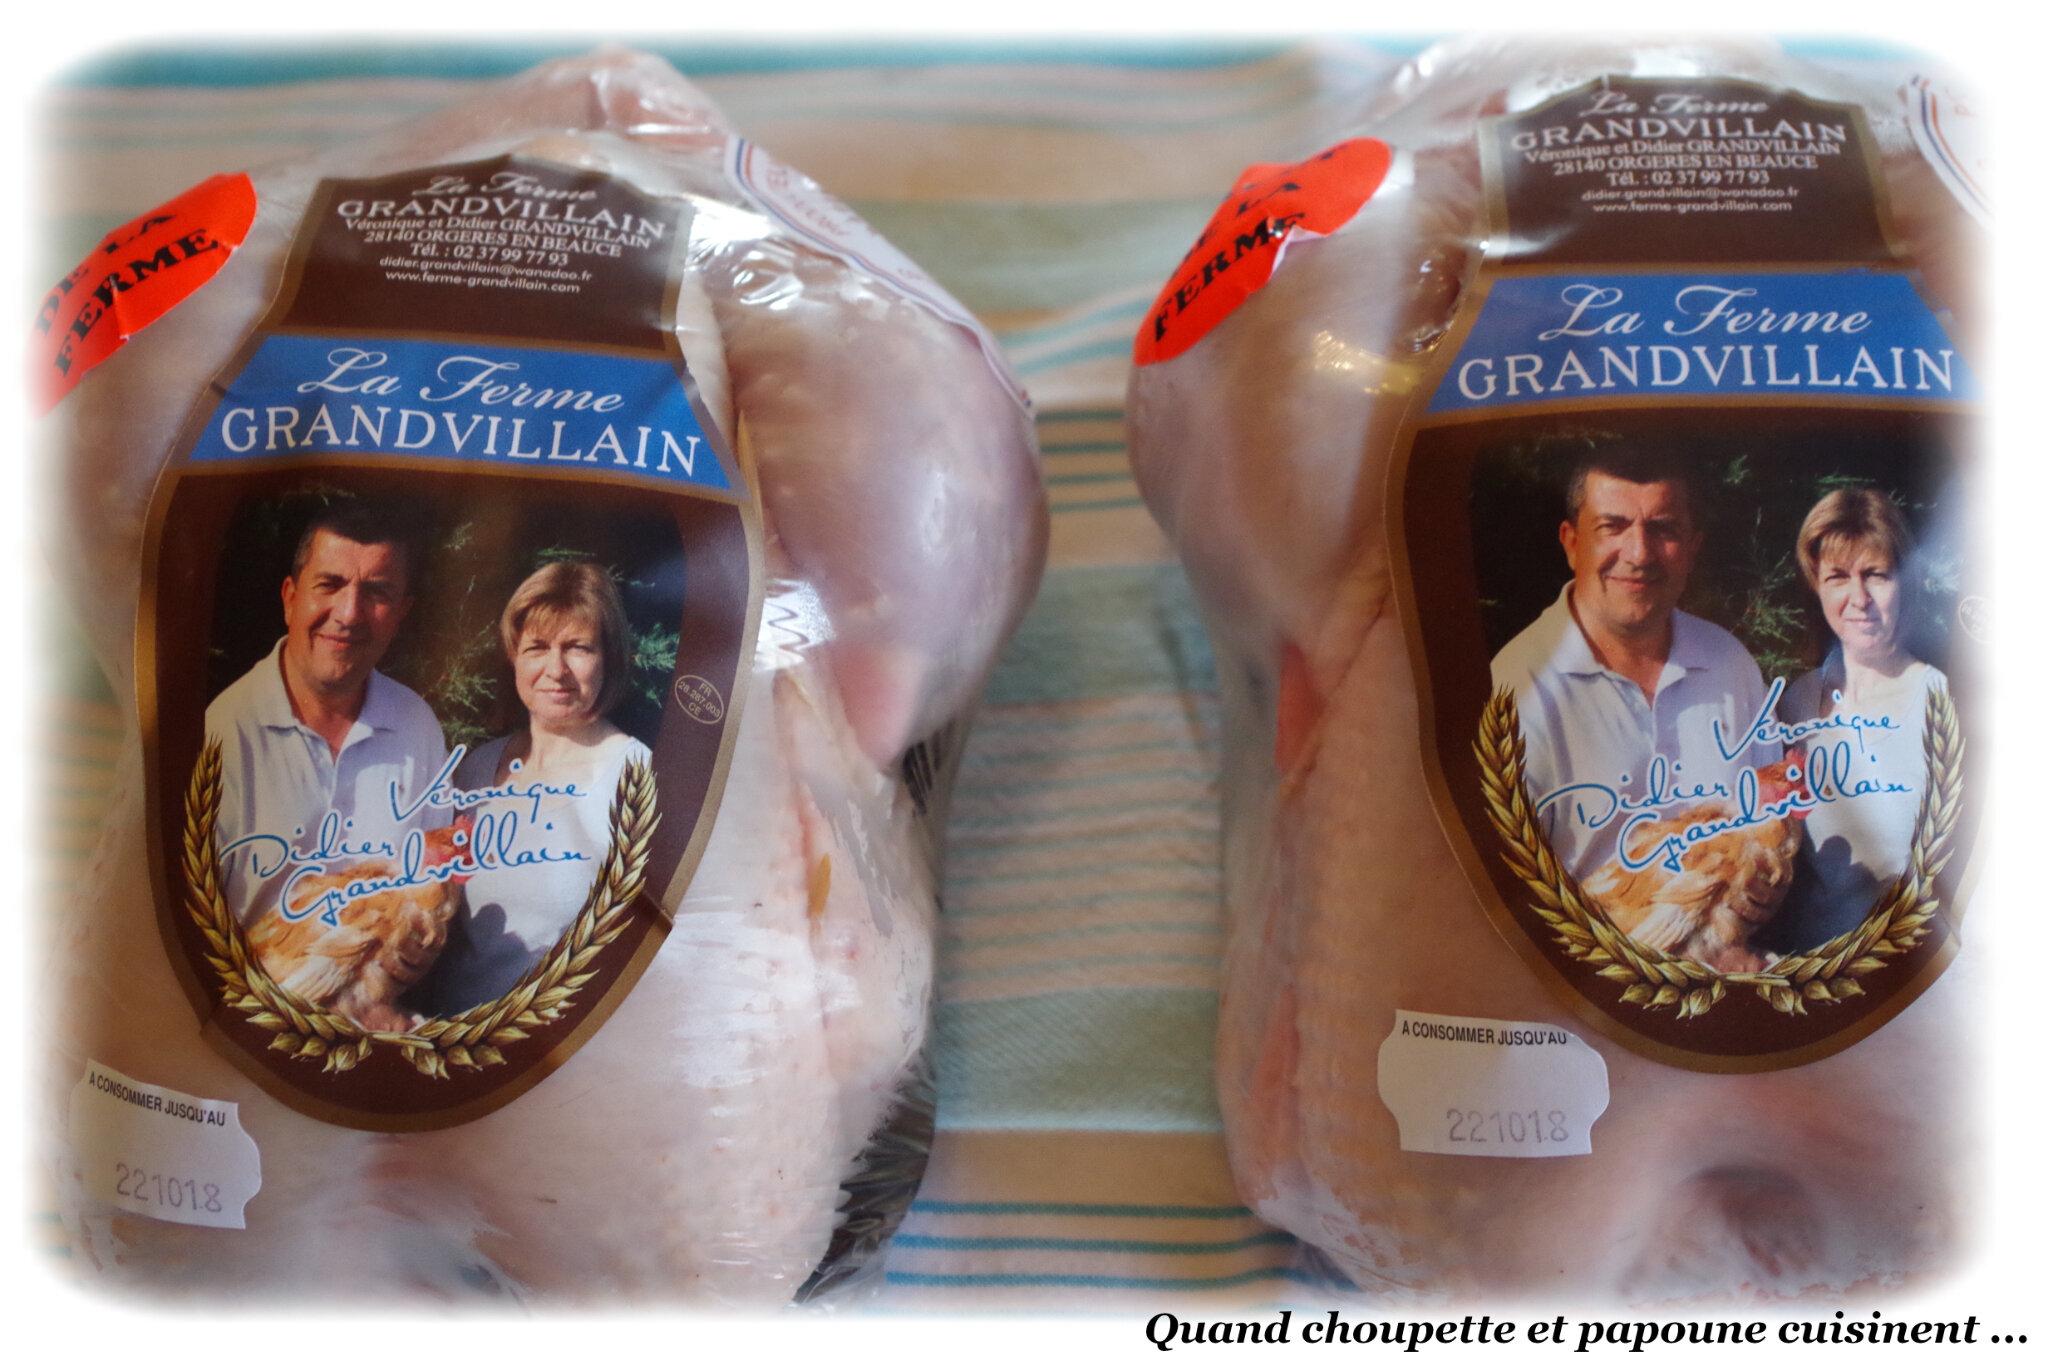 UN NOUVEAU COLIS ENCORE CETTE SEMAINE : LA FERME GRANDVILLAIN